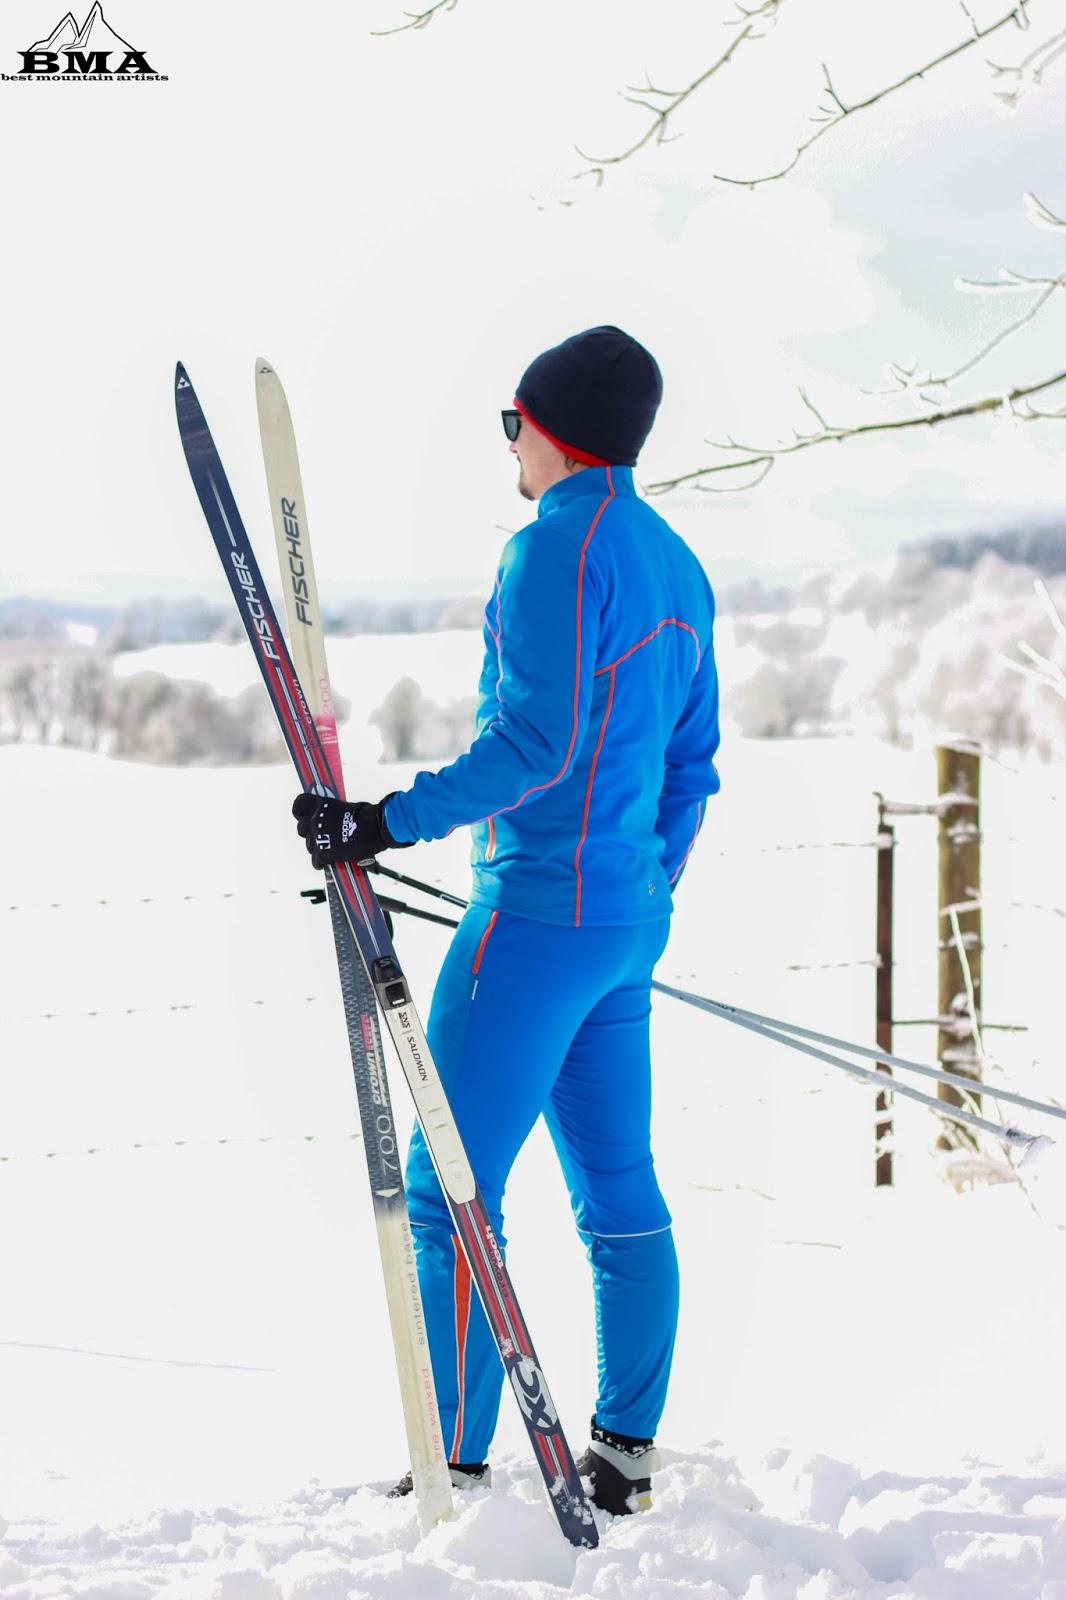 Langlauf Jacke und Hose Skifahren Outdoor Blog BMA Craft sports funktionskleidung outdoor